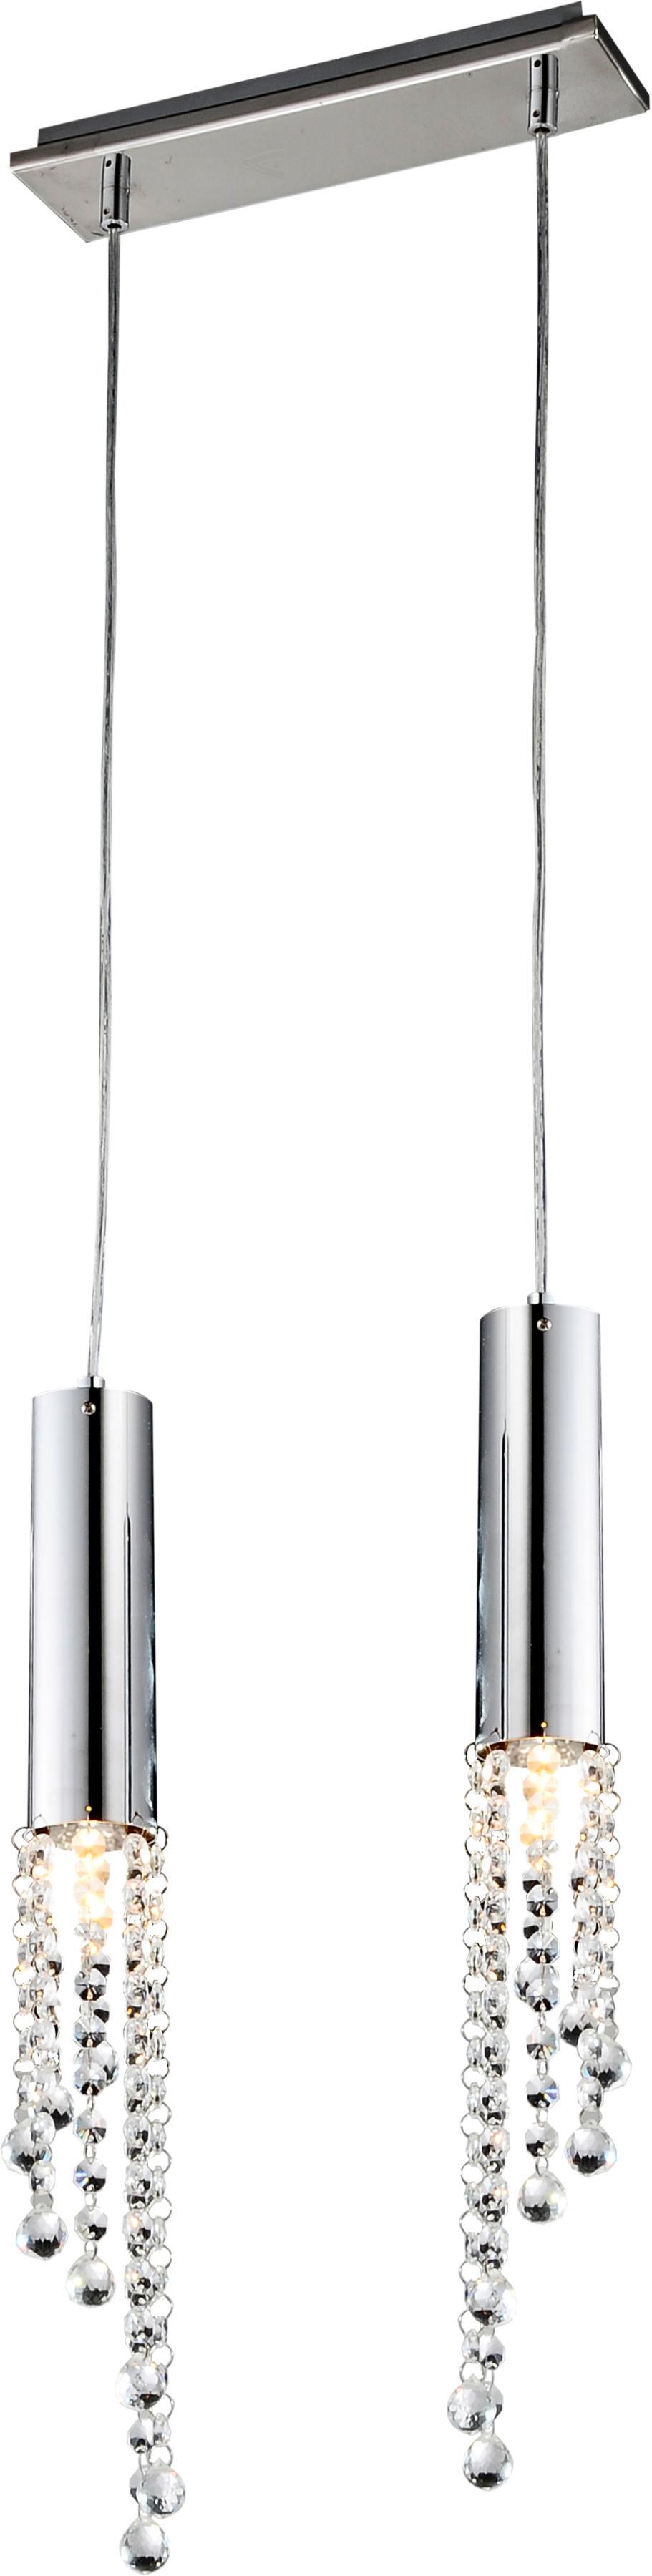 Candellux DUERO 32-25265 lampa wisząca podwójna chrom kryształy 2X3W LED GU10 31cm